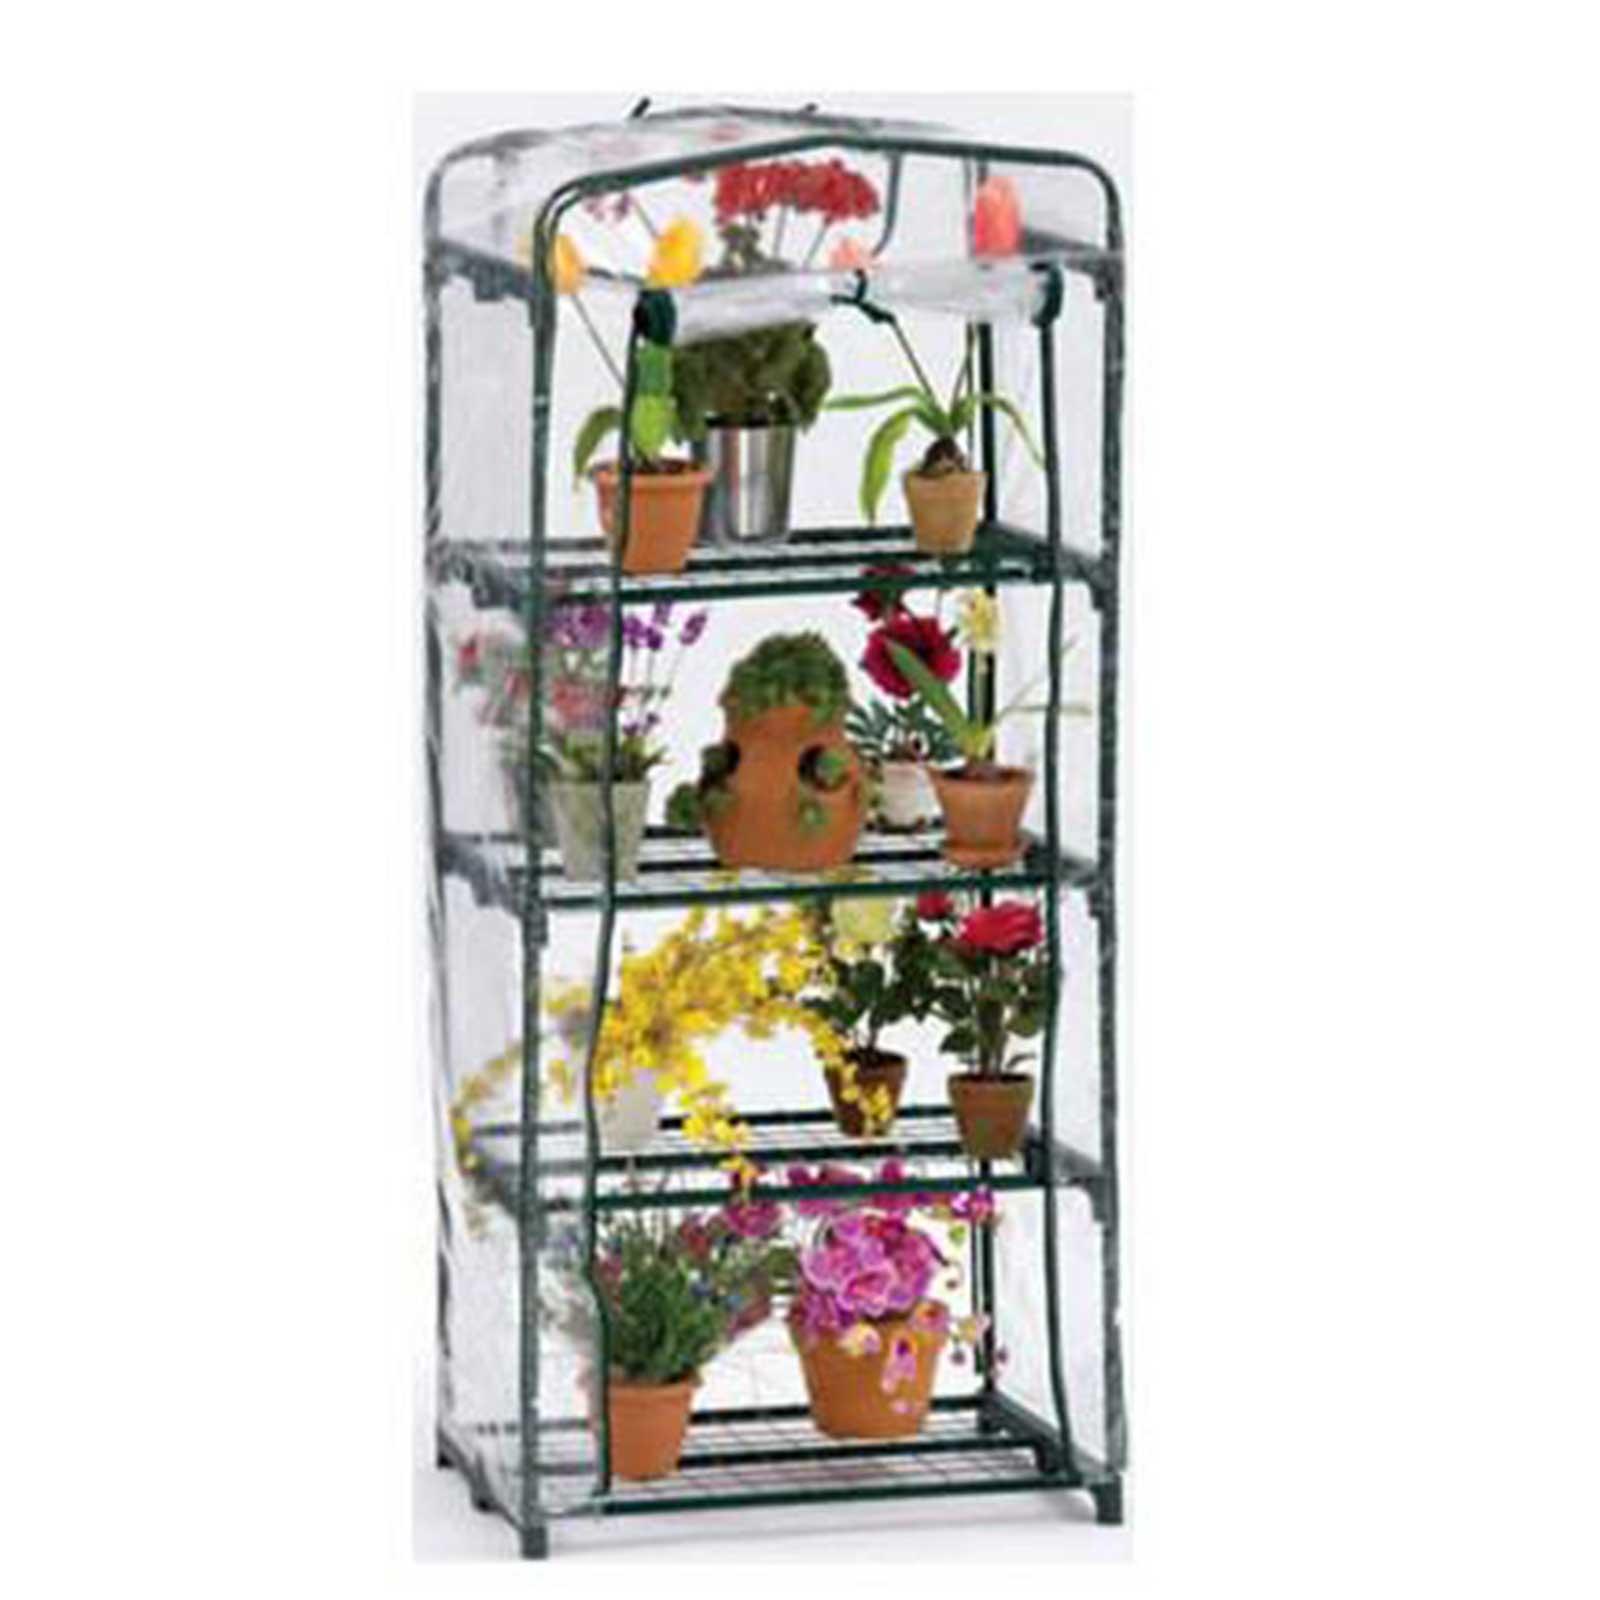 FlowerHouse Indoor-Outdoor Mini Greenhouse / Garden Plant Growing Rack